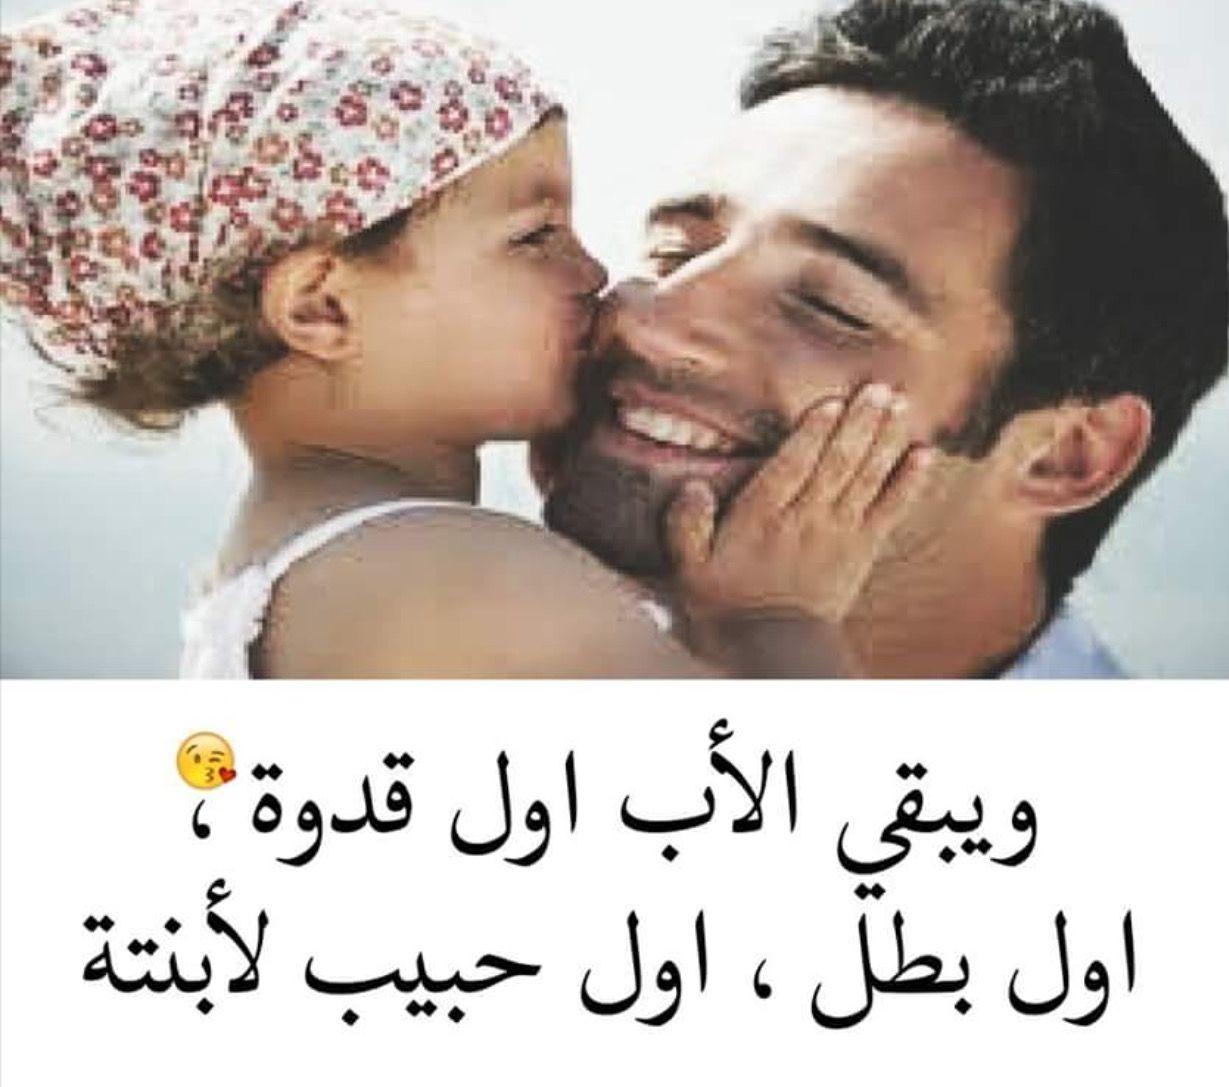 ويبقى الأب اول قدوة إبنته واول بطل واول حبيب لابنته Fabulous Quotes Quotes Social Media